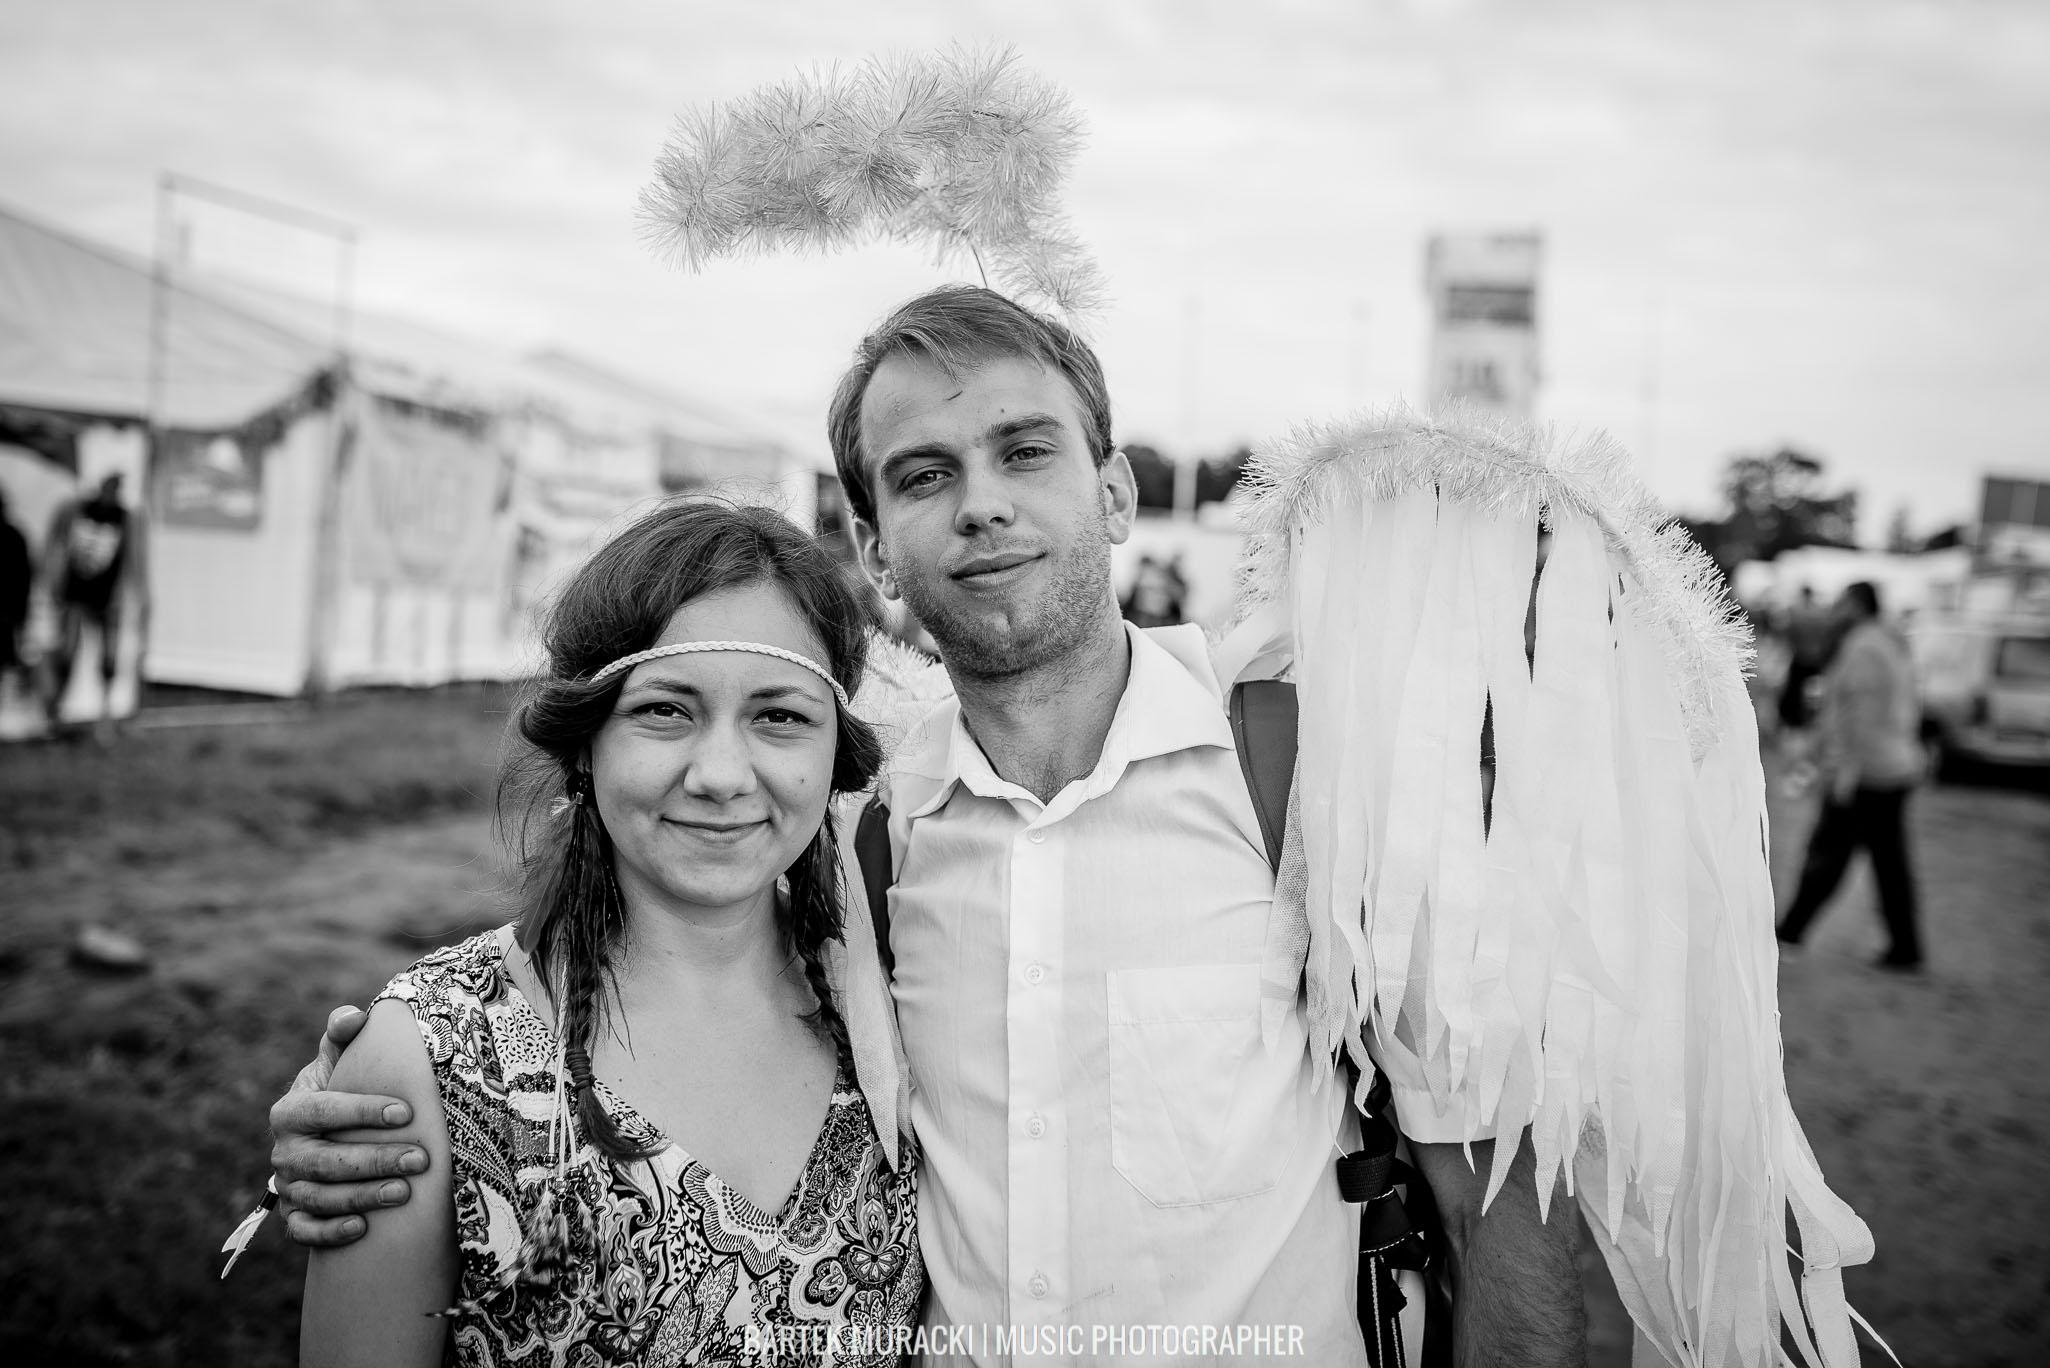 Przystanek-Woodstock-2016-WB-foto-Bartek-Muracki--109653